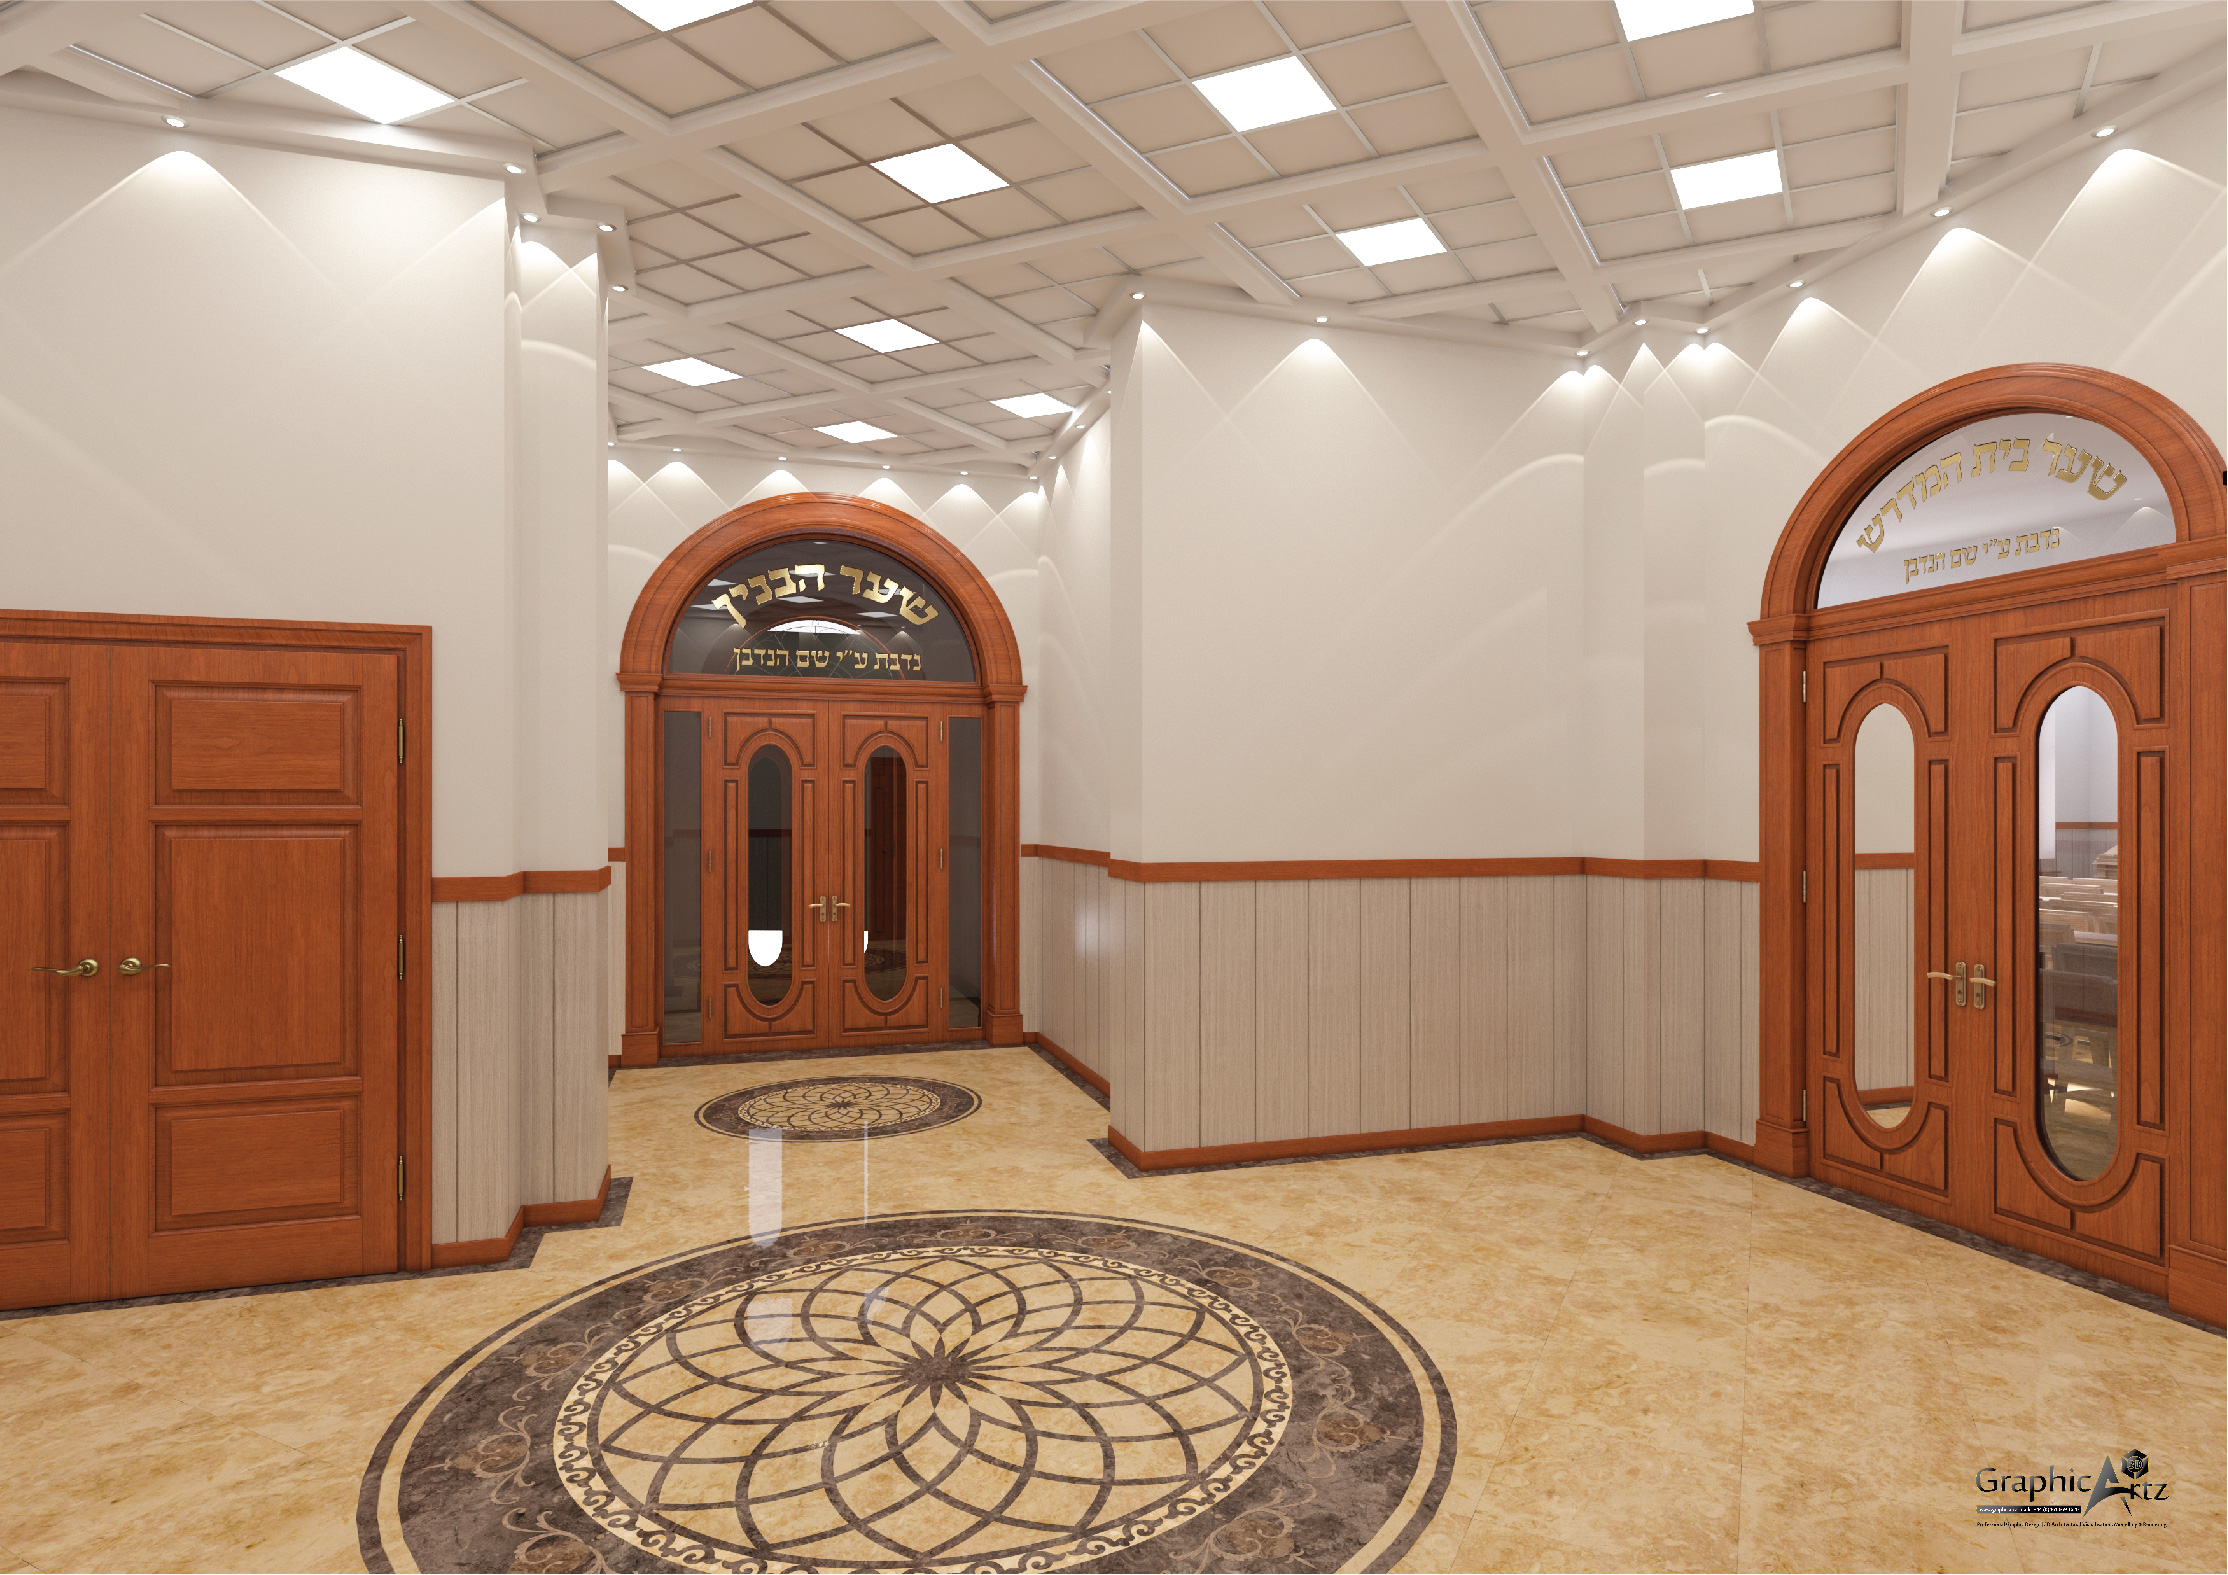 Sunderland lobby CGI